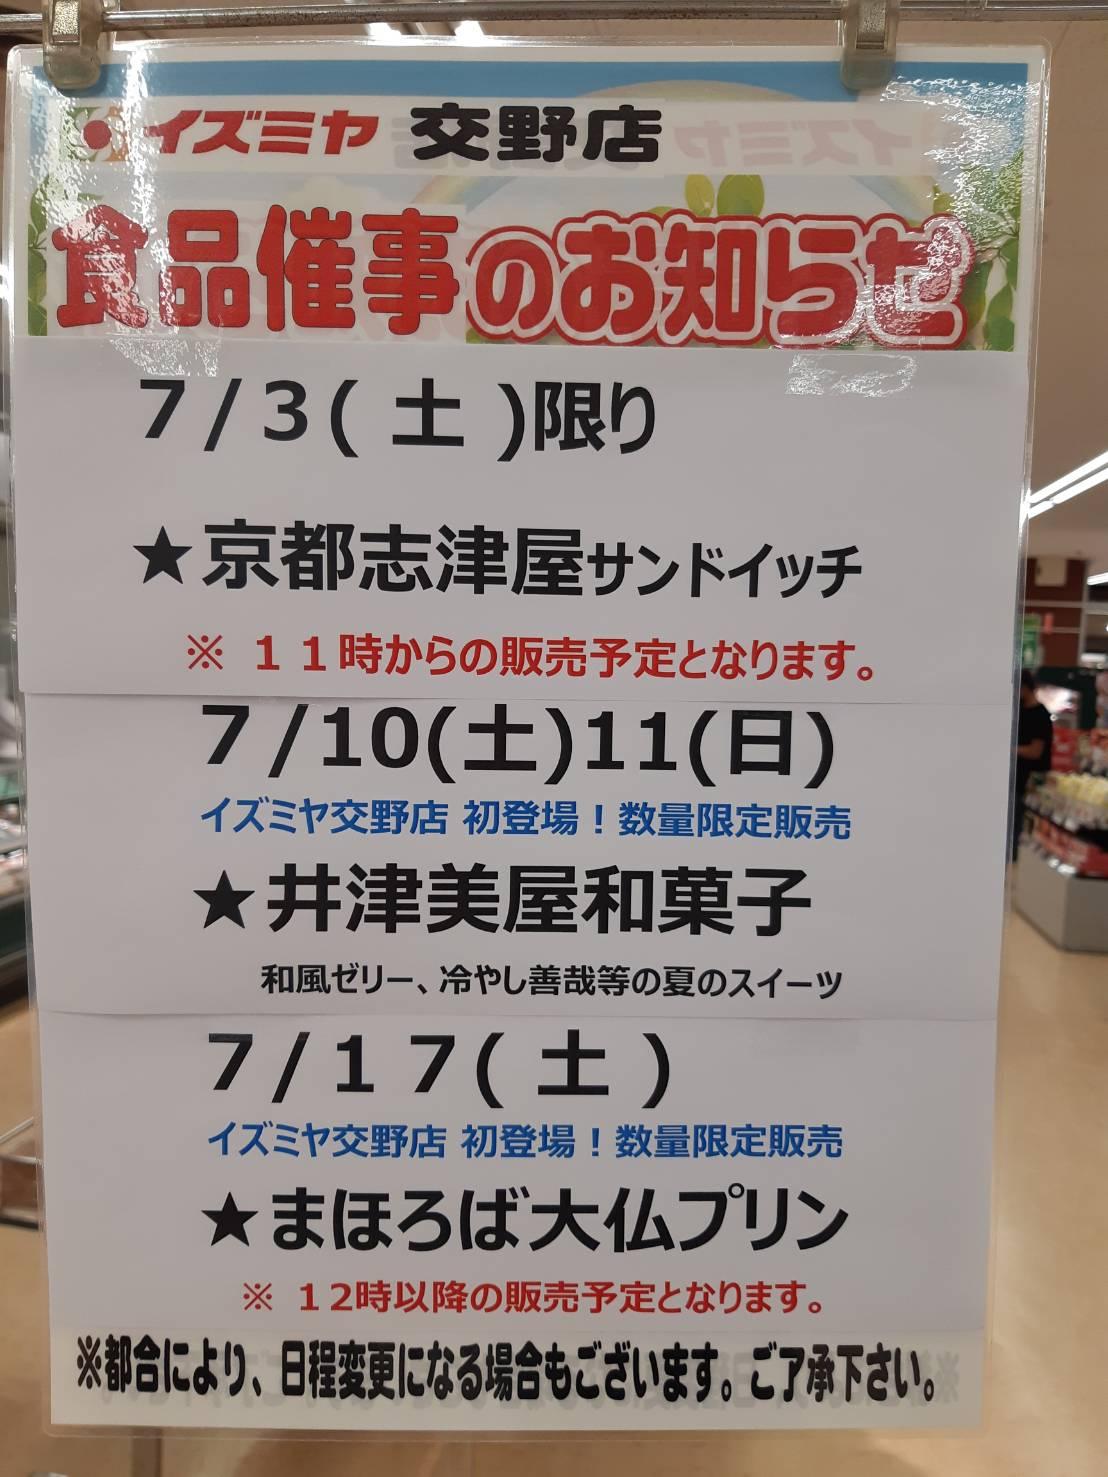 ★イズミヤ交野店★7月3日(土曜日)イチオシ…の画像